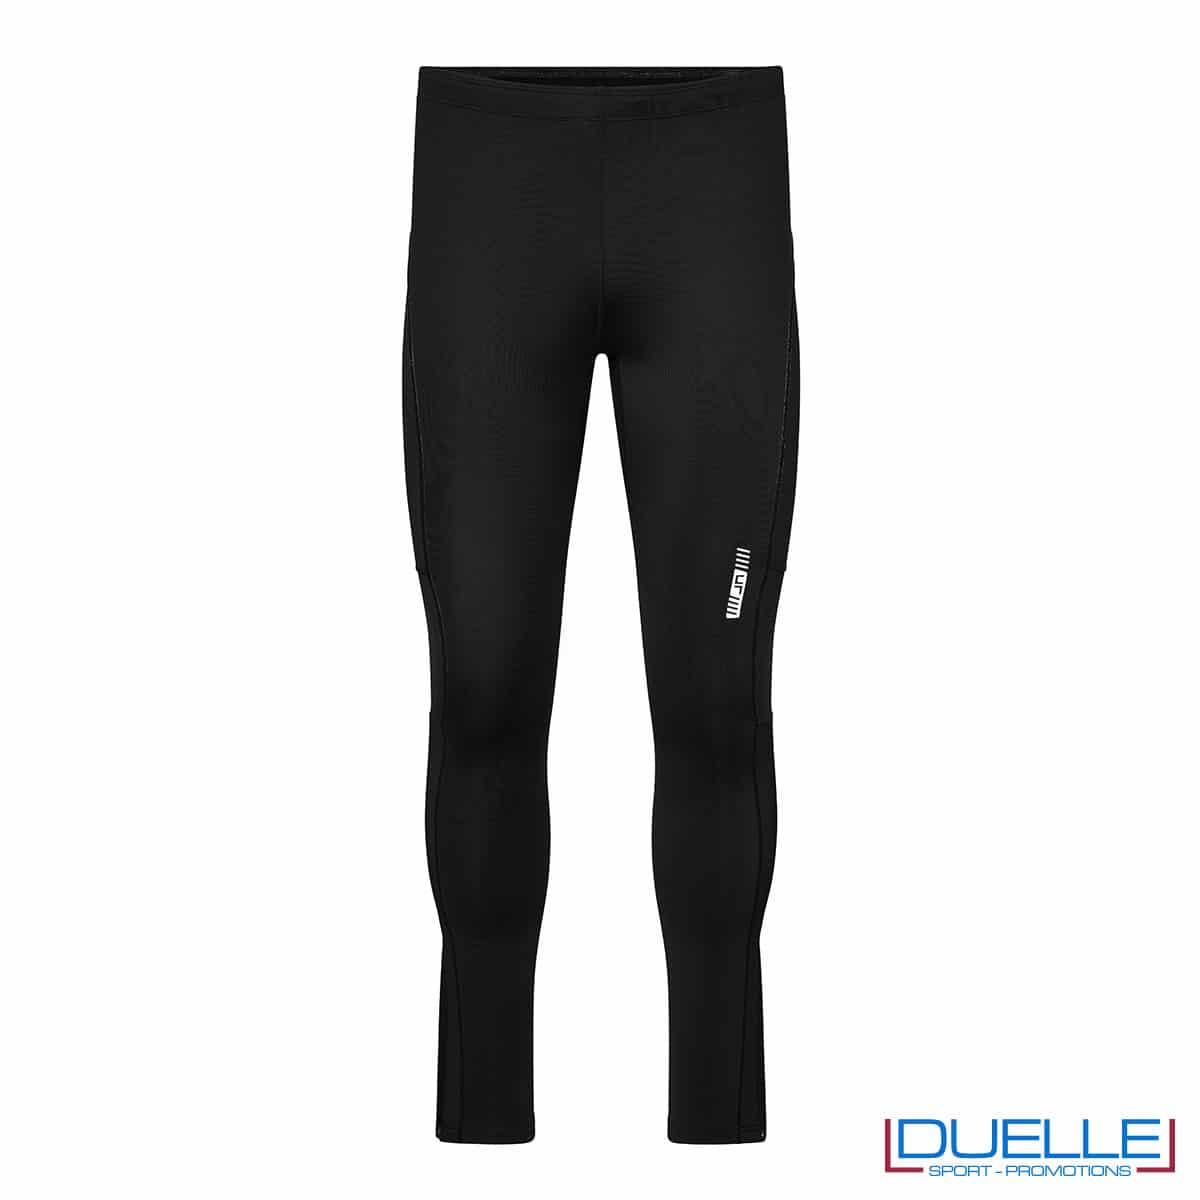 Pantaloni running nero personalizzati